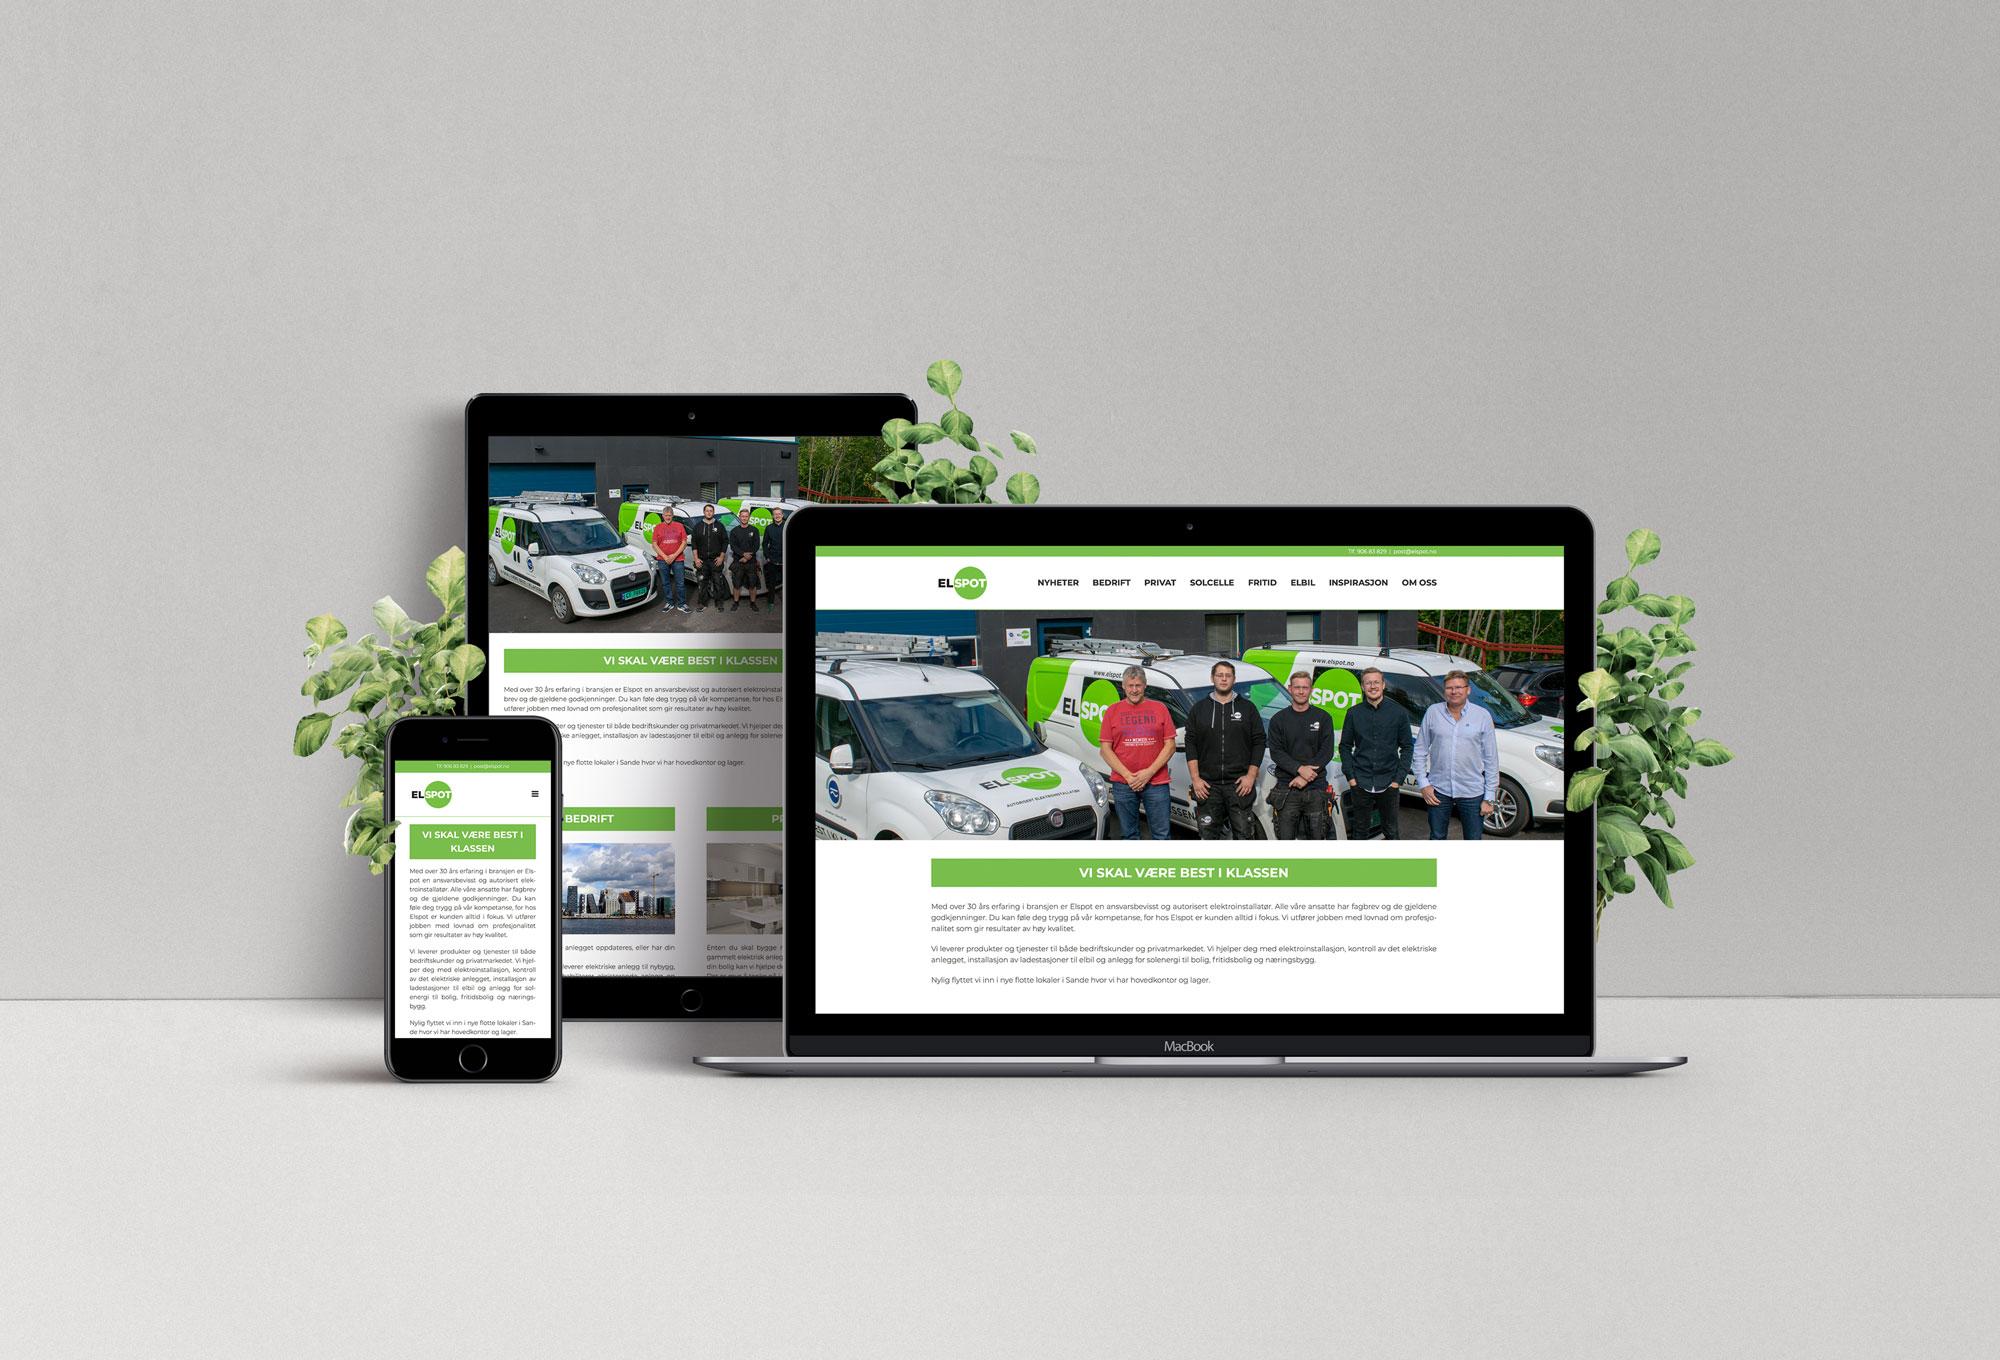 Ny nettside for Elspot